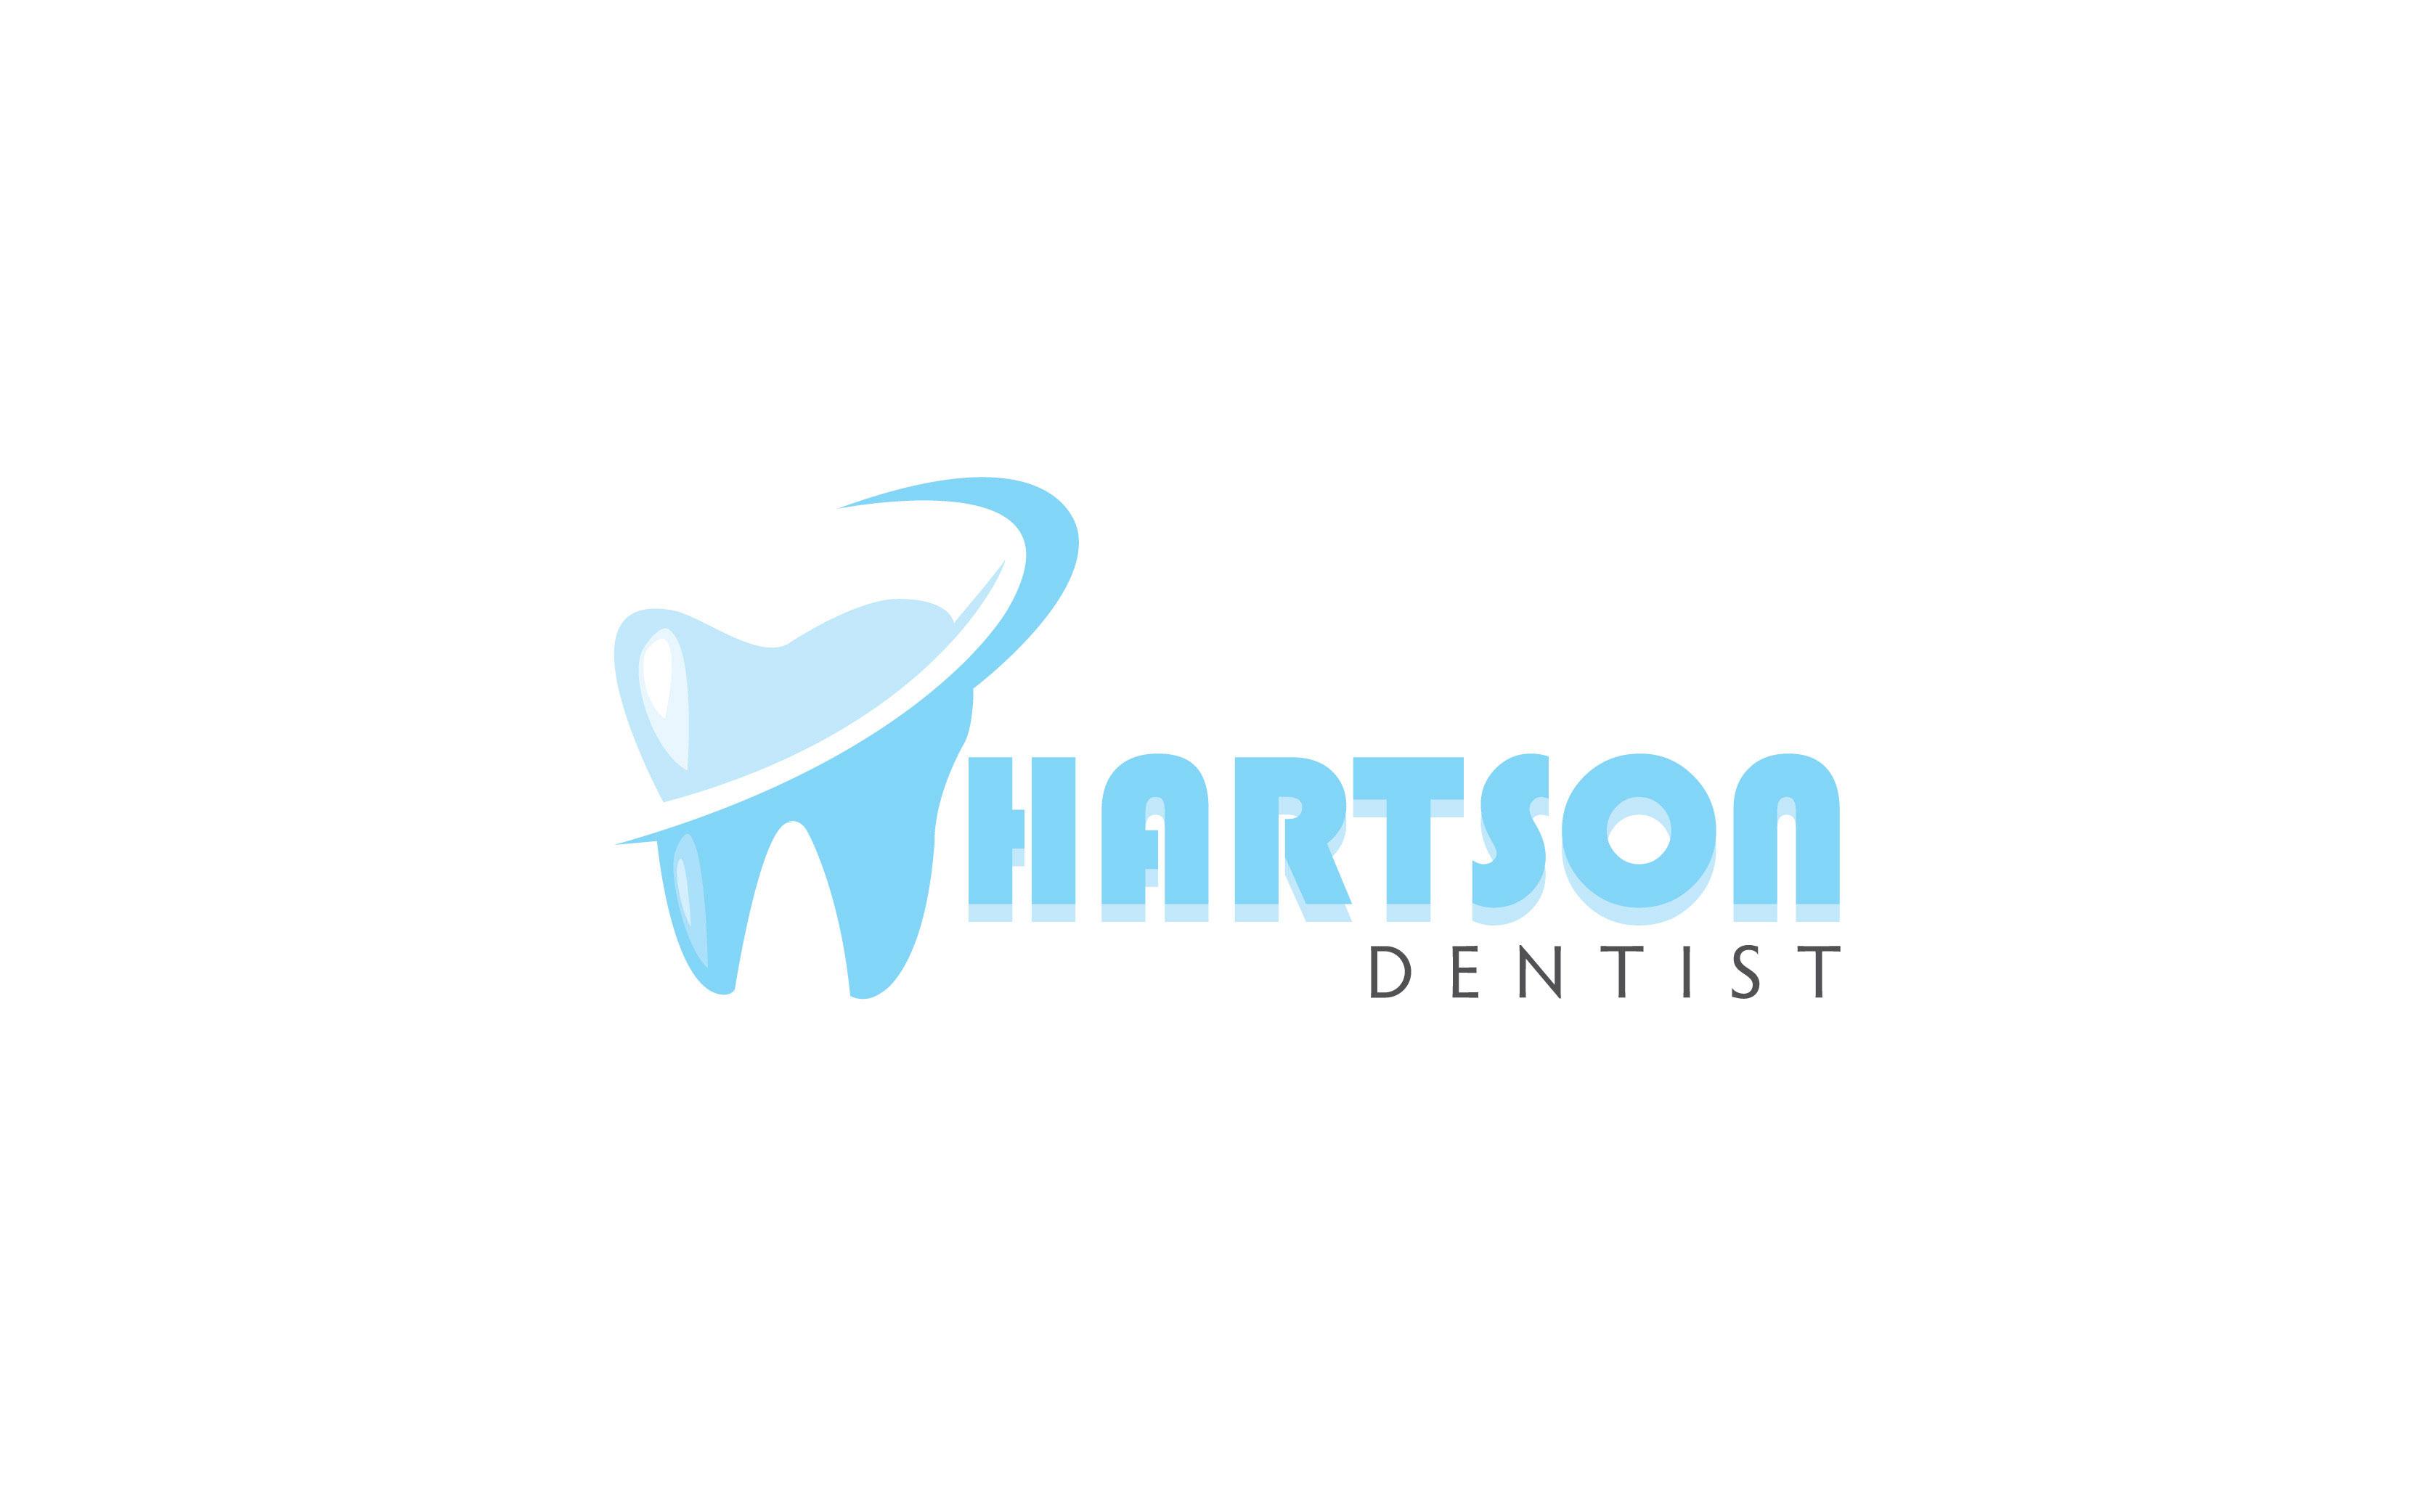 Dental Logo Design  Buy Logo Designs Online  BrandCrowd